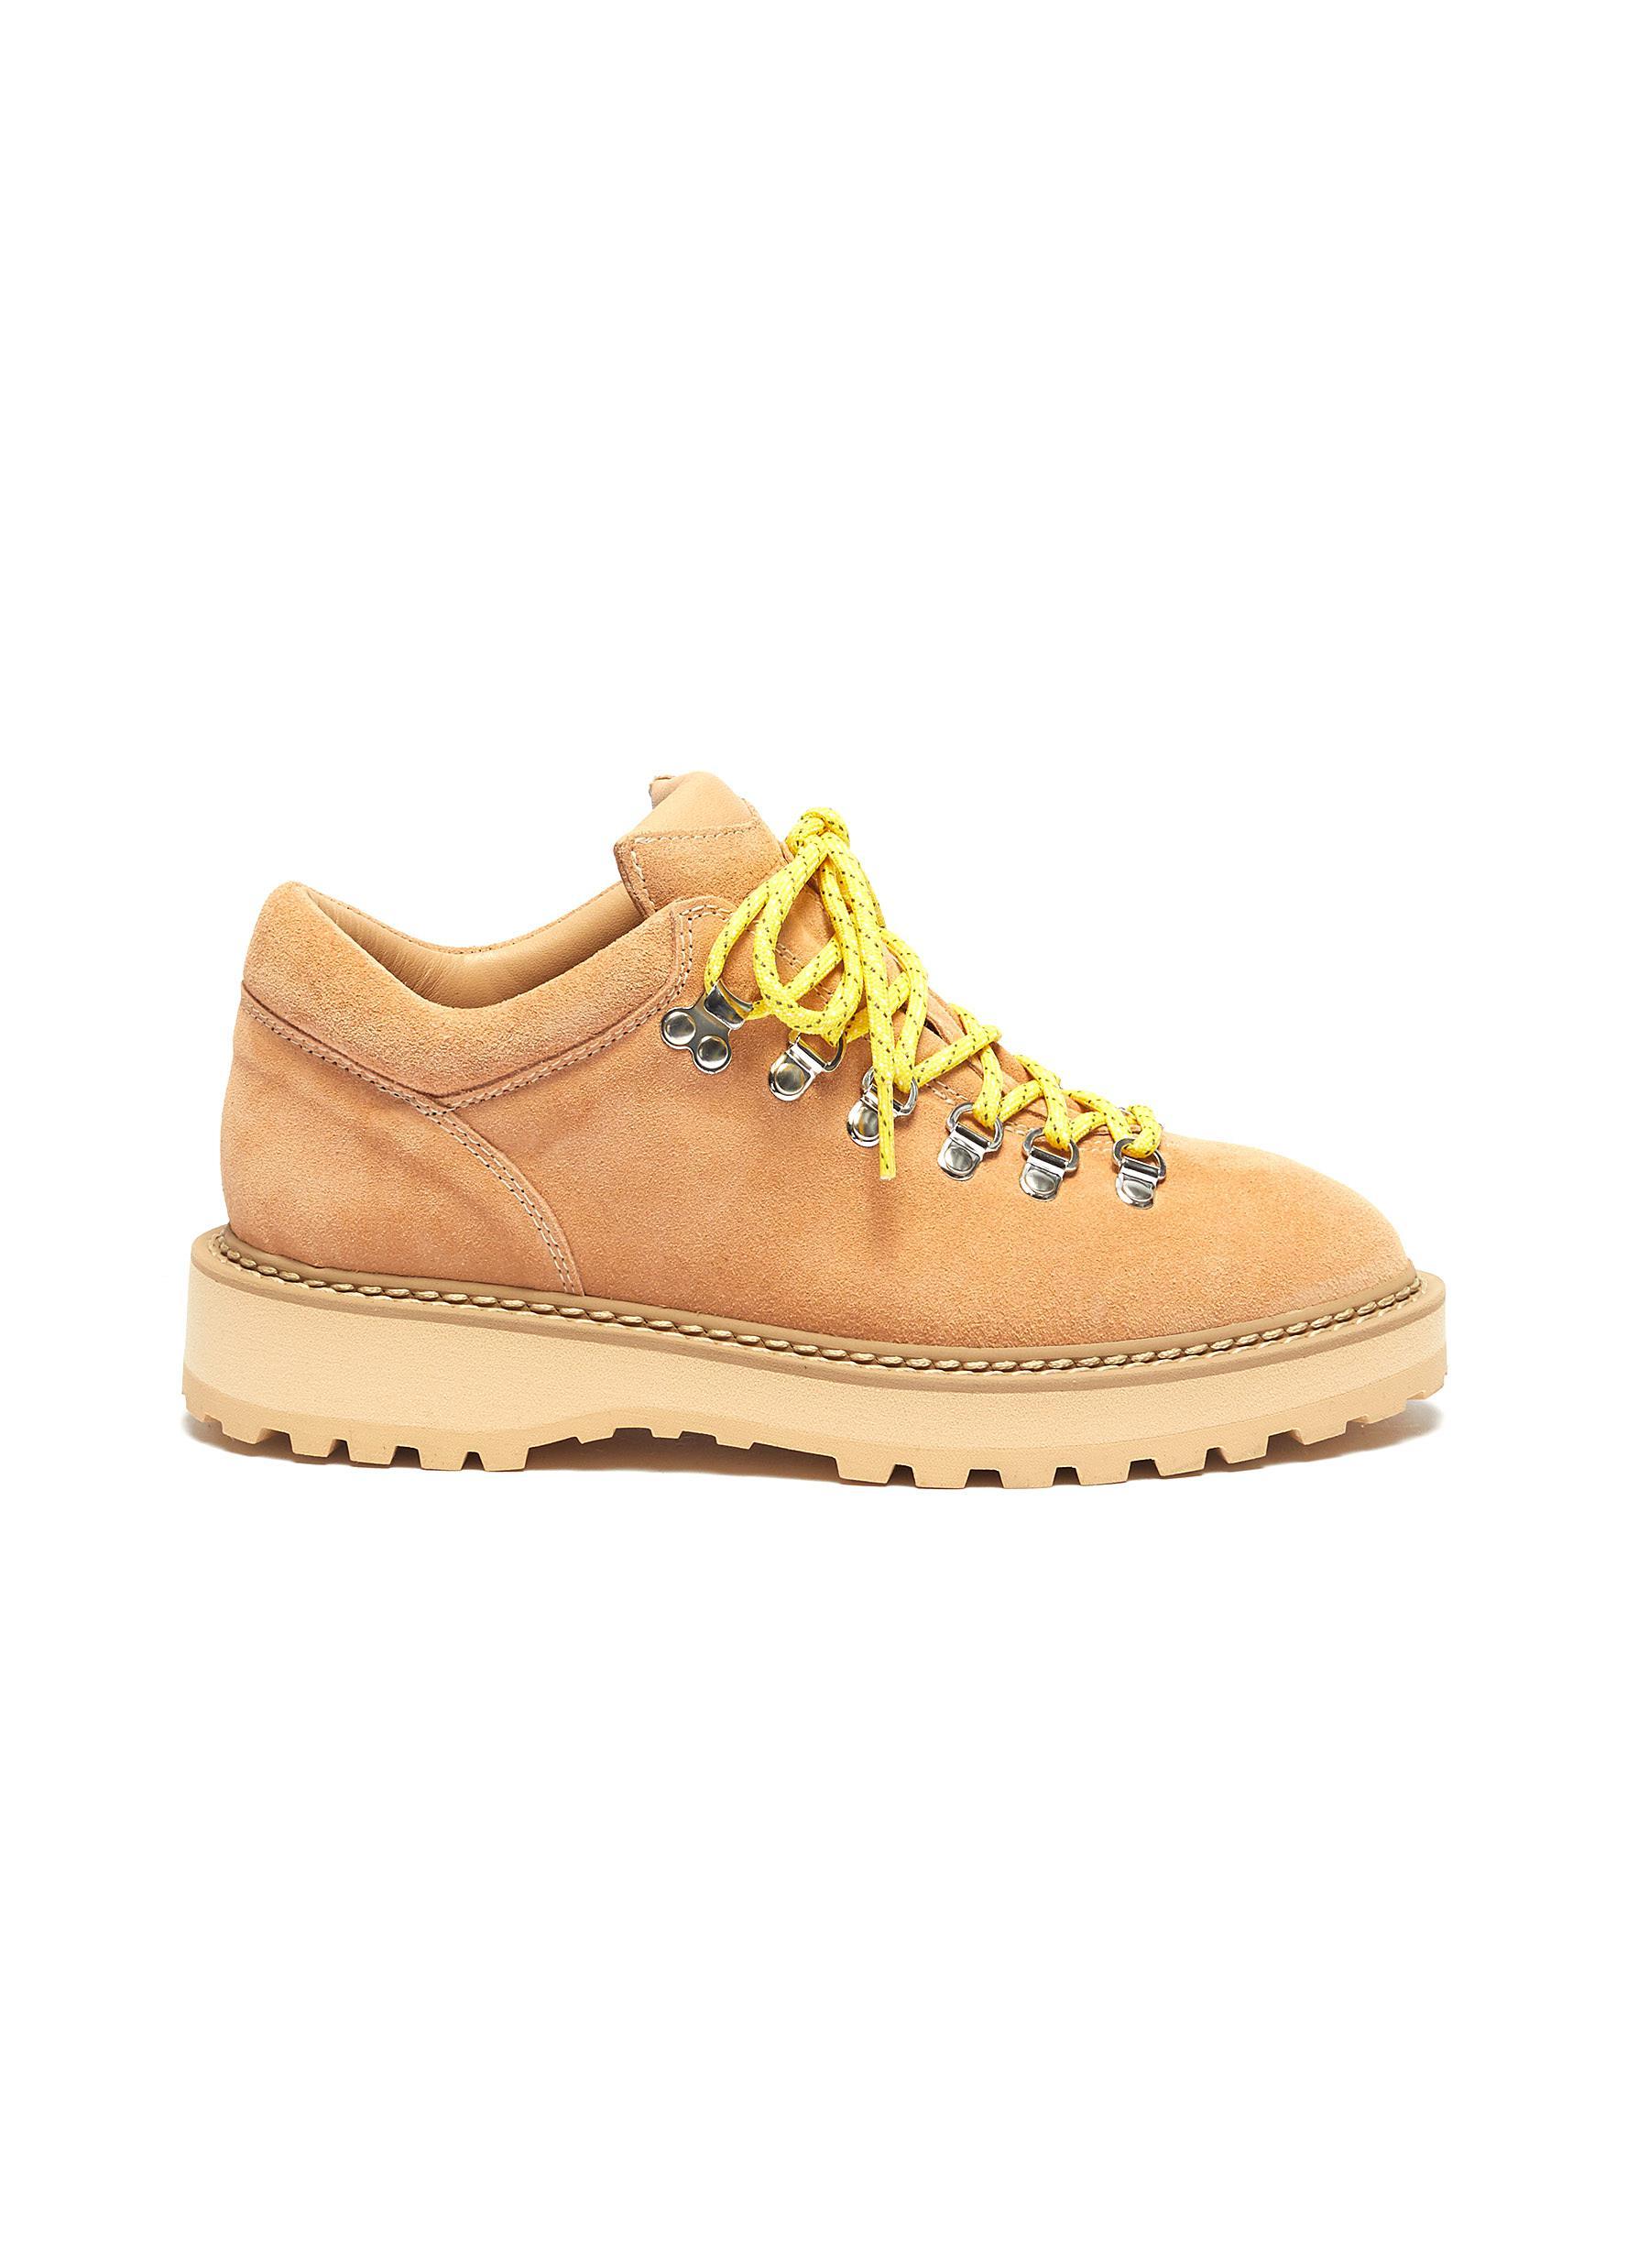 Monfumu suede hiking boots by Diemme